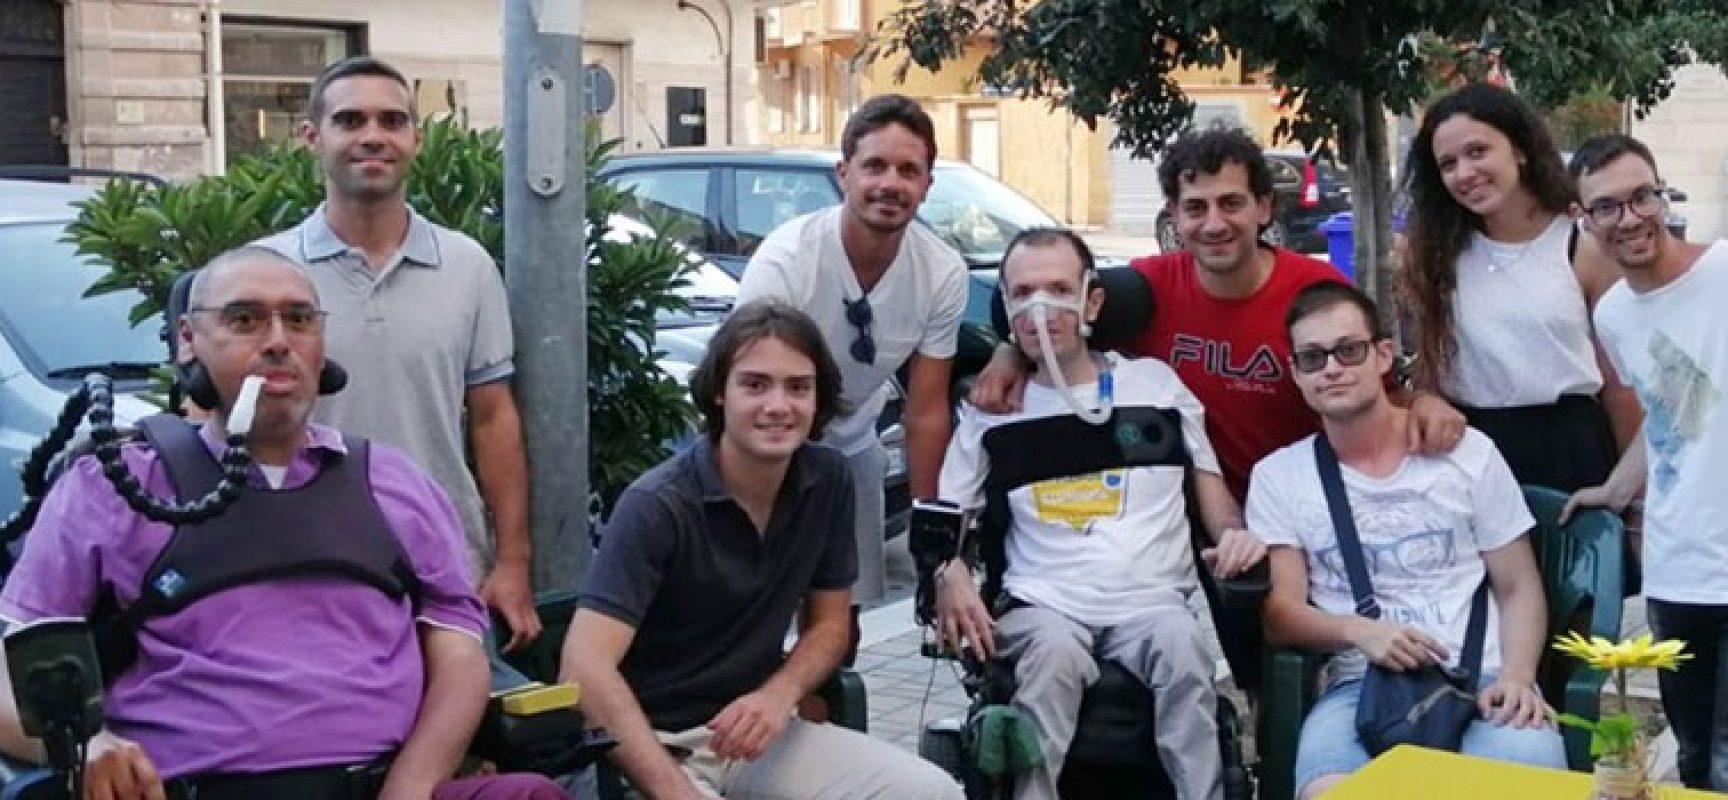 Bisceglie Illuminata organizza concerto per raccolta fondi in favore di Donato Ventura